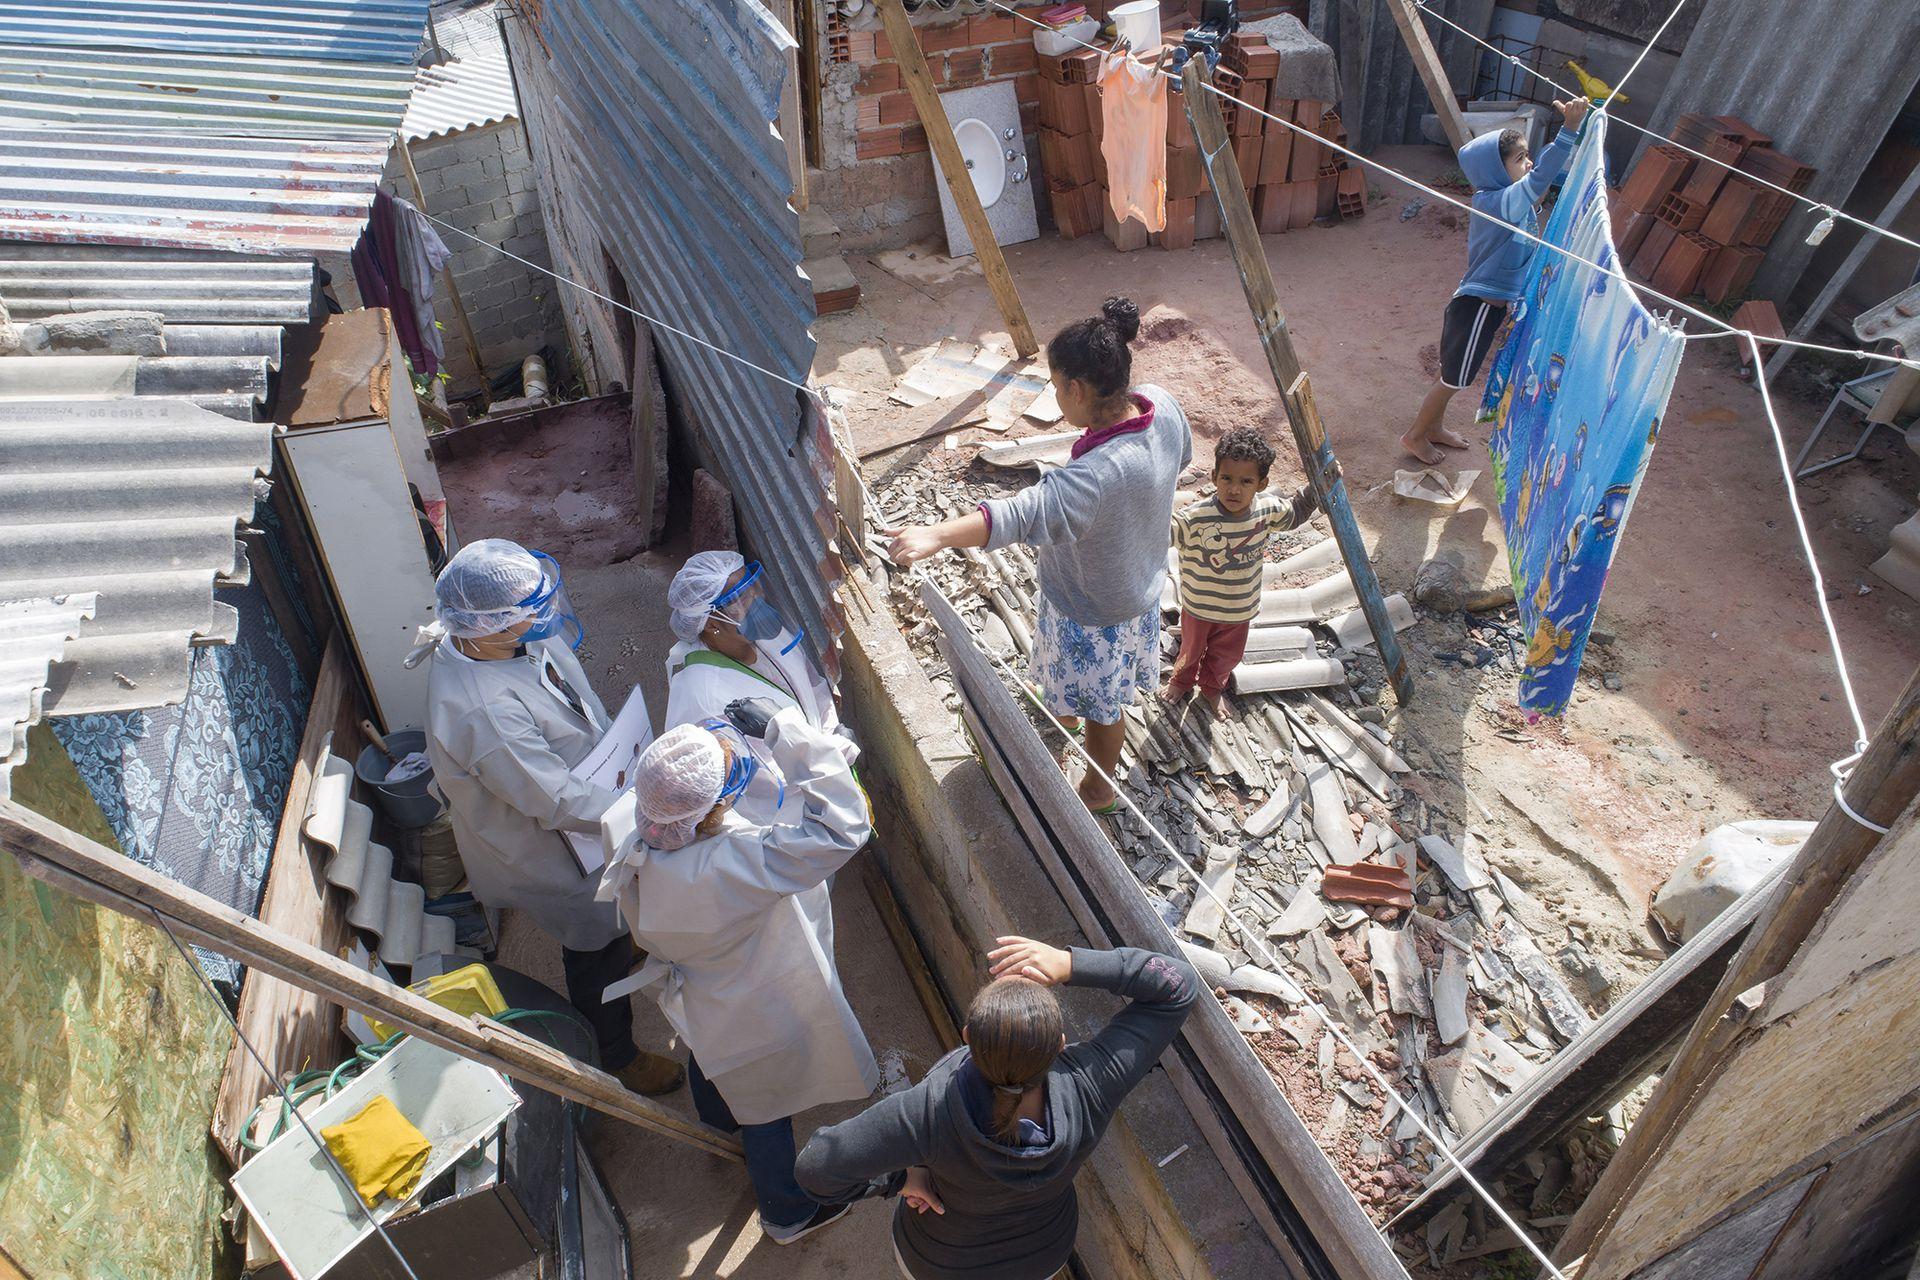 Agentes de Médicos sin Fronteras con pobladores de las afueras de San Pablo, Brasil